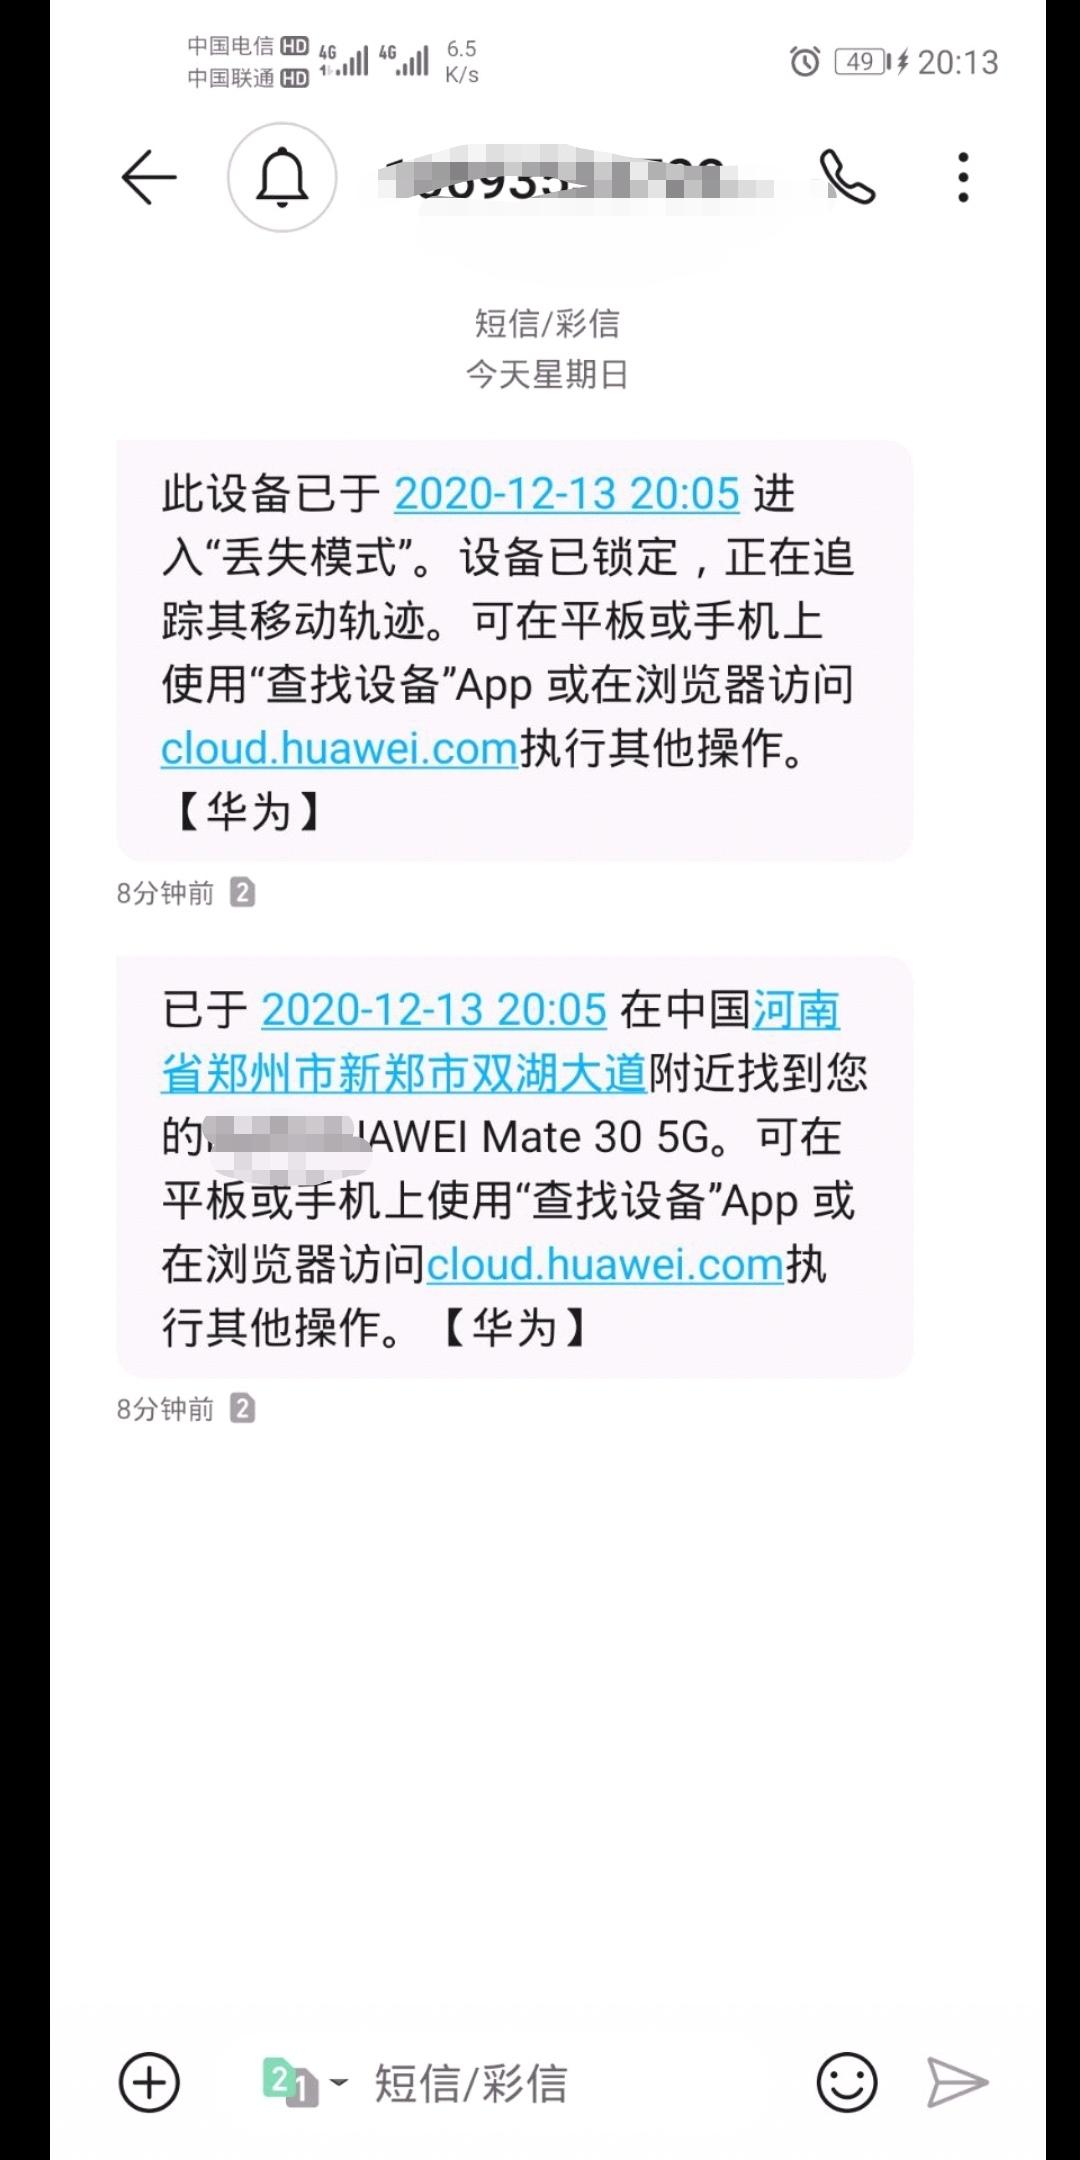 Screenshot_20201215_124459.jpg